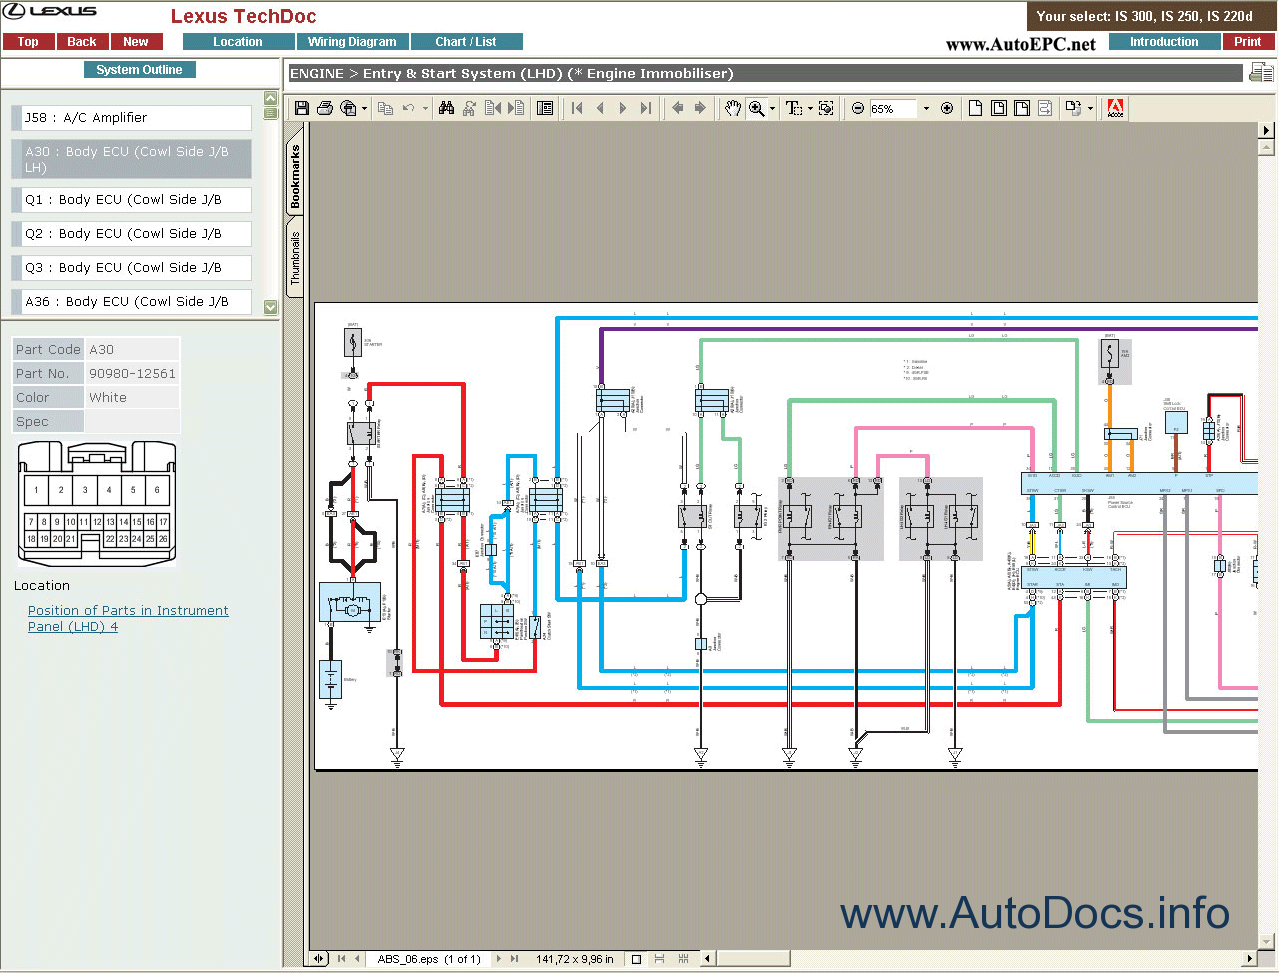 lexus is 220d wiring diagram lexus is300  is 250  is 220d rus repair manual order   download  lexus is300  is 250  is 220d rus repair